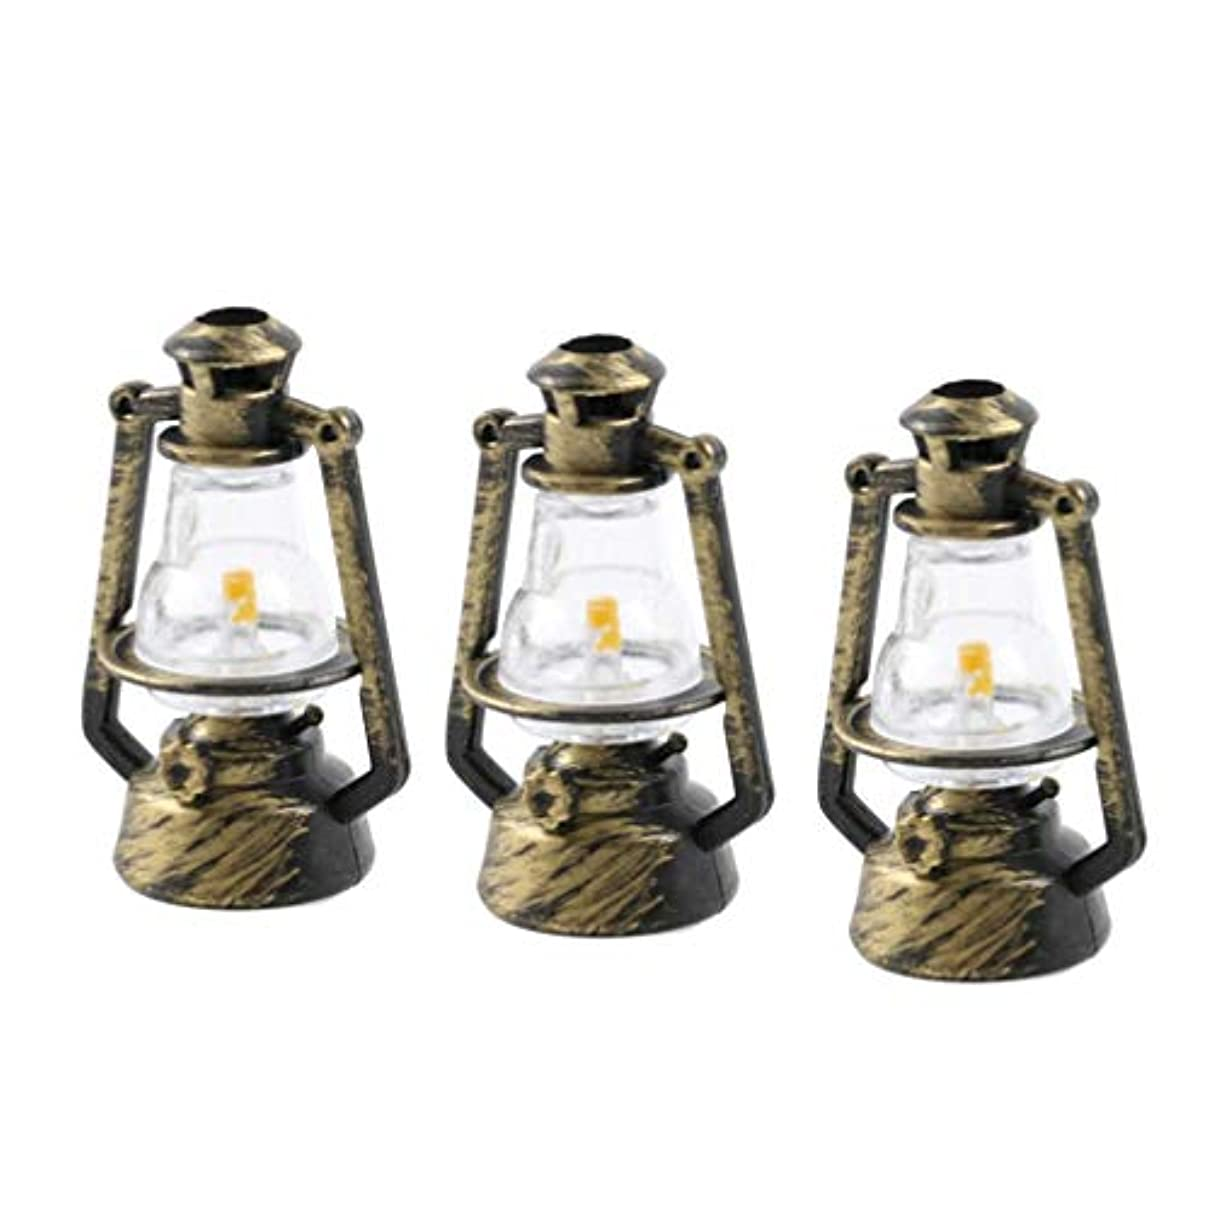 笑い領域骨Healifty オイルランタンデスクトップ装飾レトロ灯油ランプ用ホーム寝室の装飾写真撮影の小道具6ピース